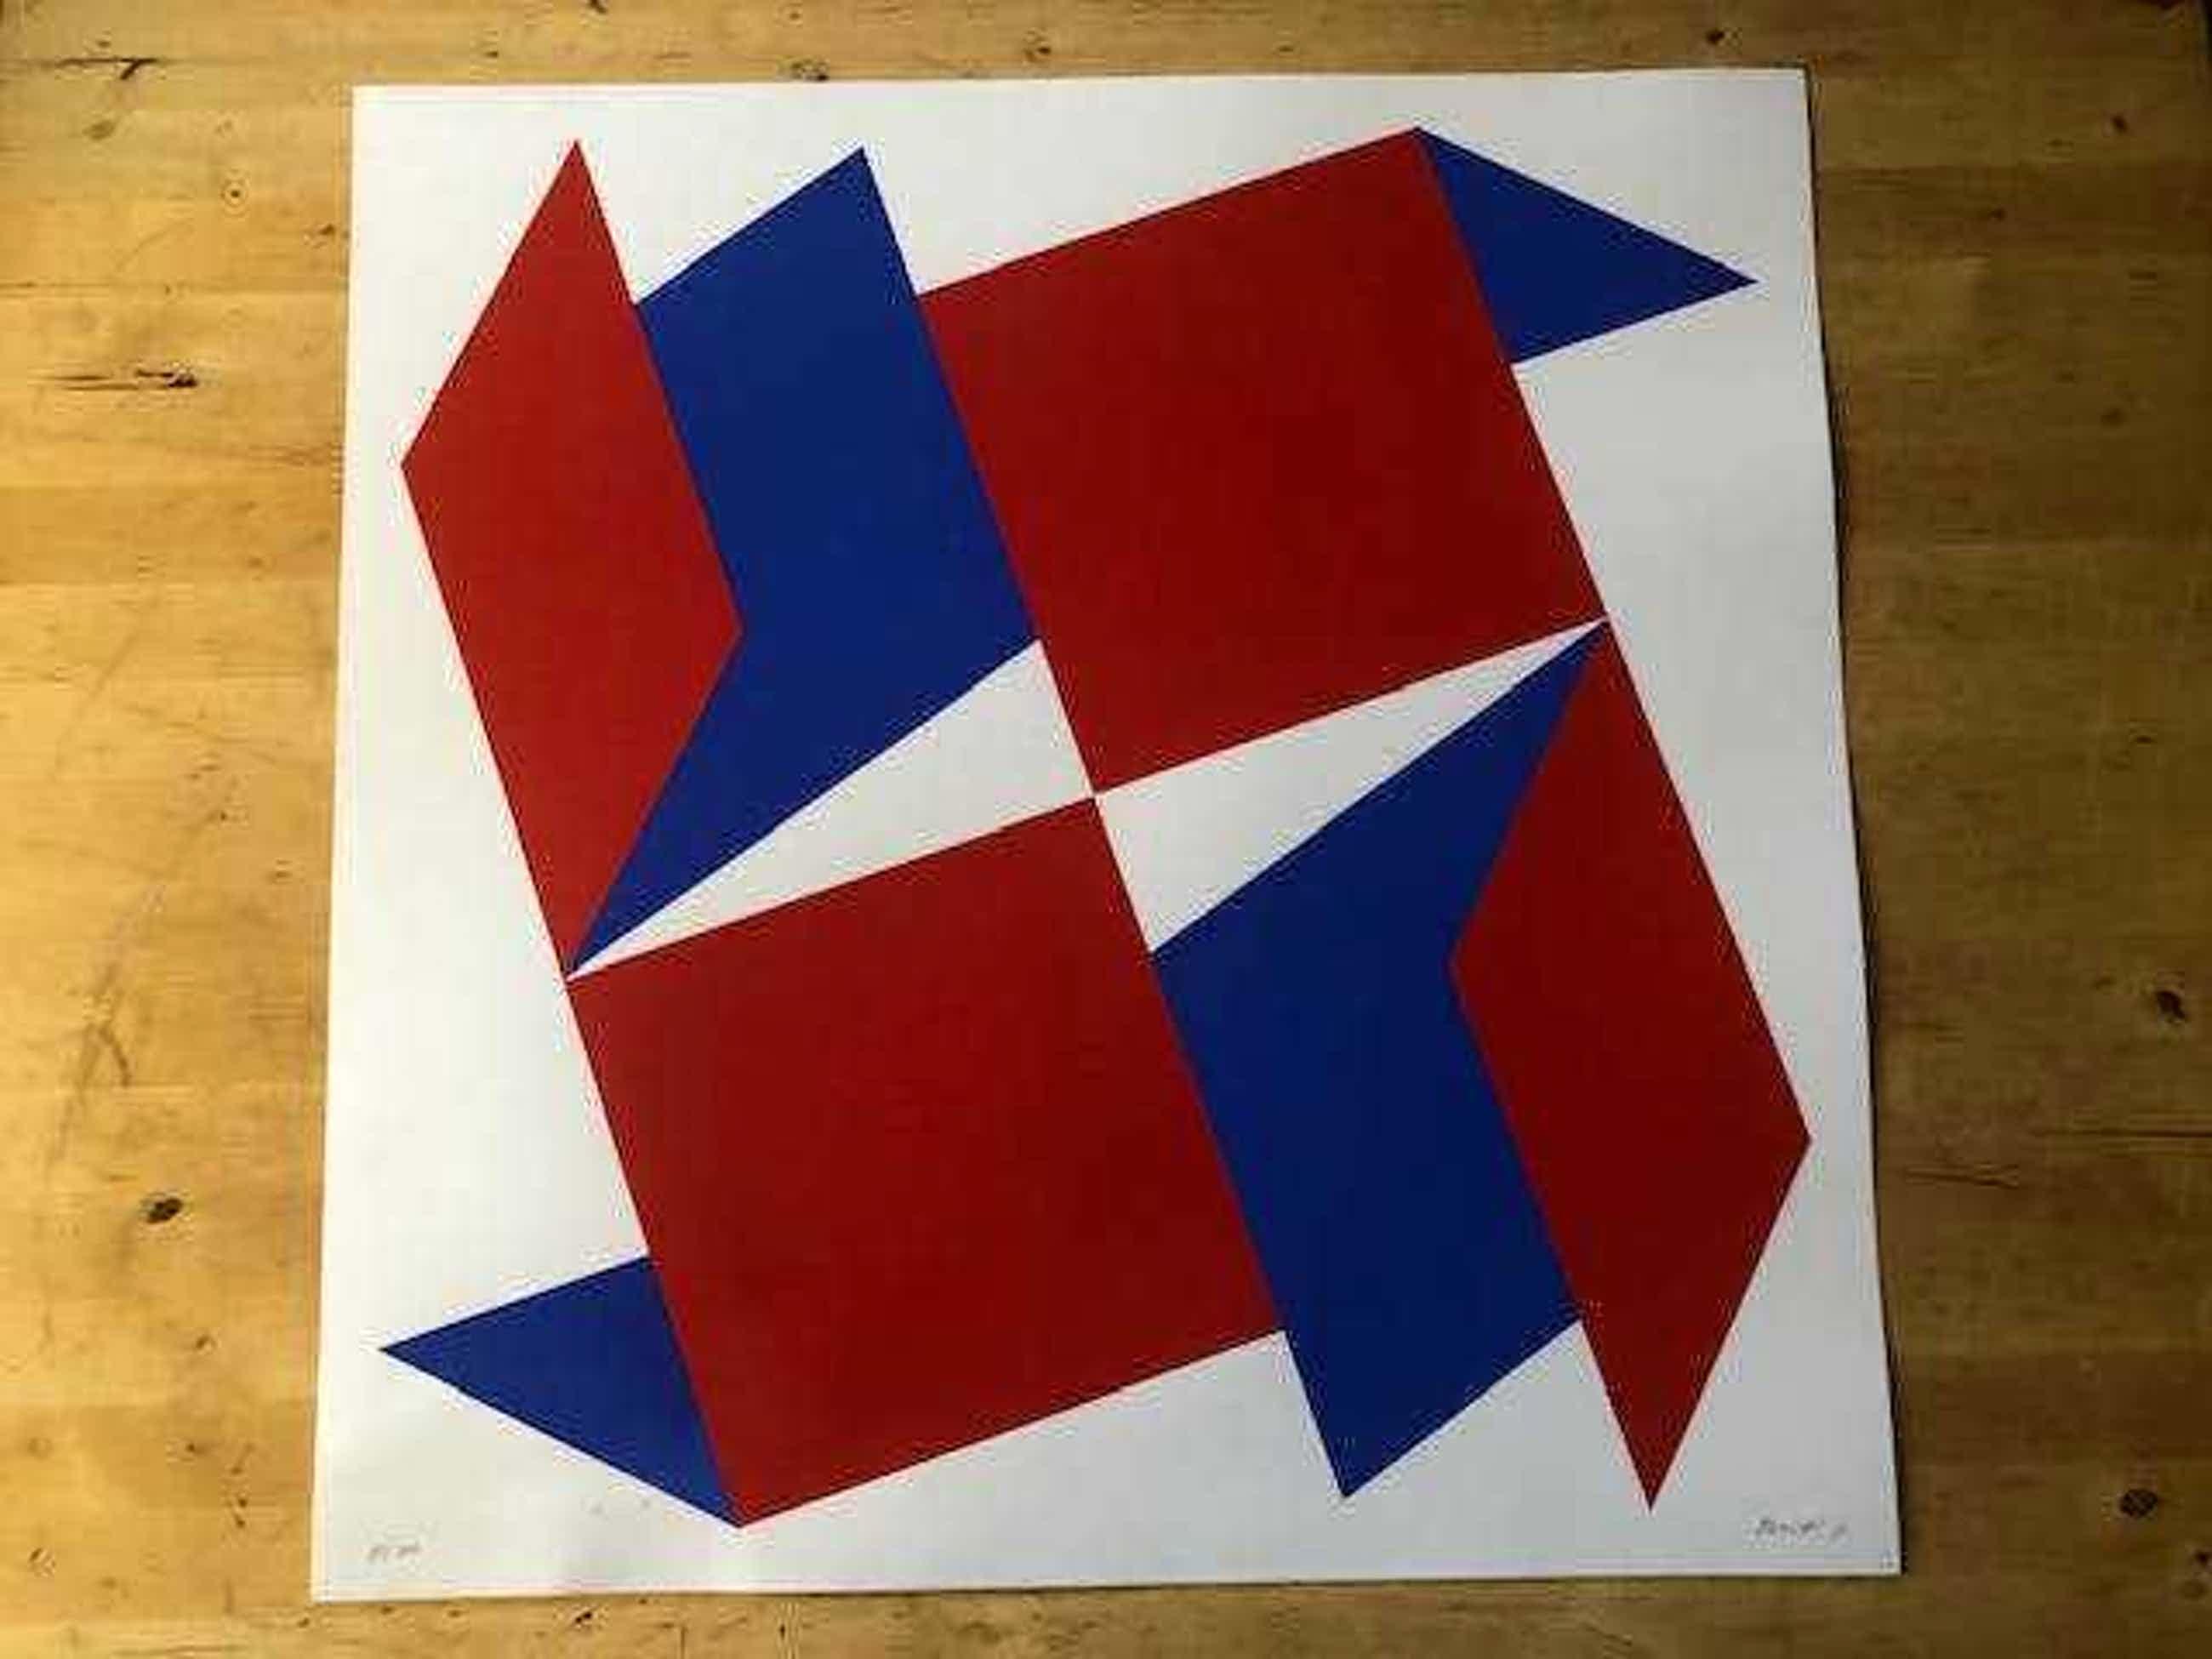 Bob Bonies - abstracte zeefdruk in rood, wit en blauw uit 1971 kopen? Bied vanaf 61!